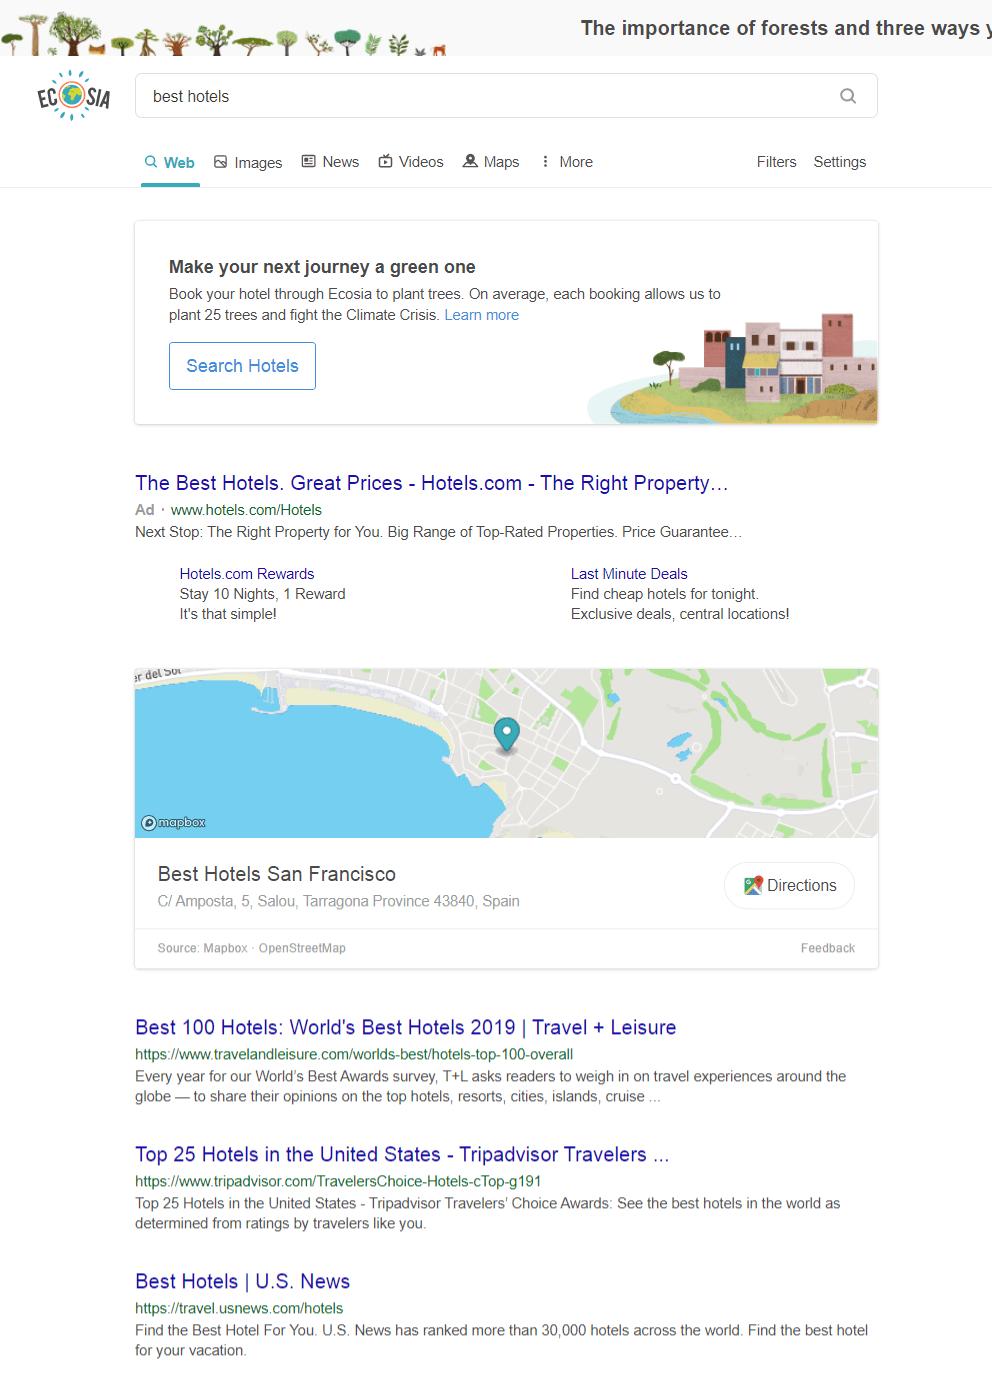 Ecosia search engine.